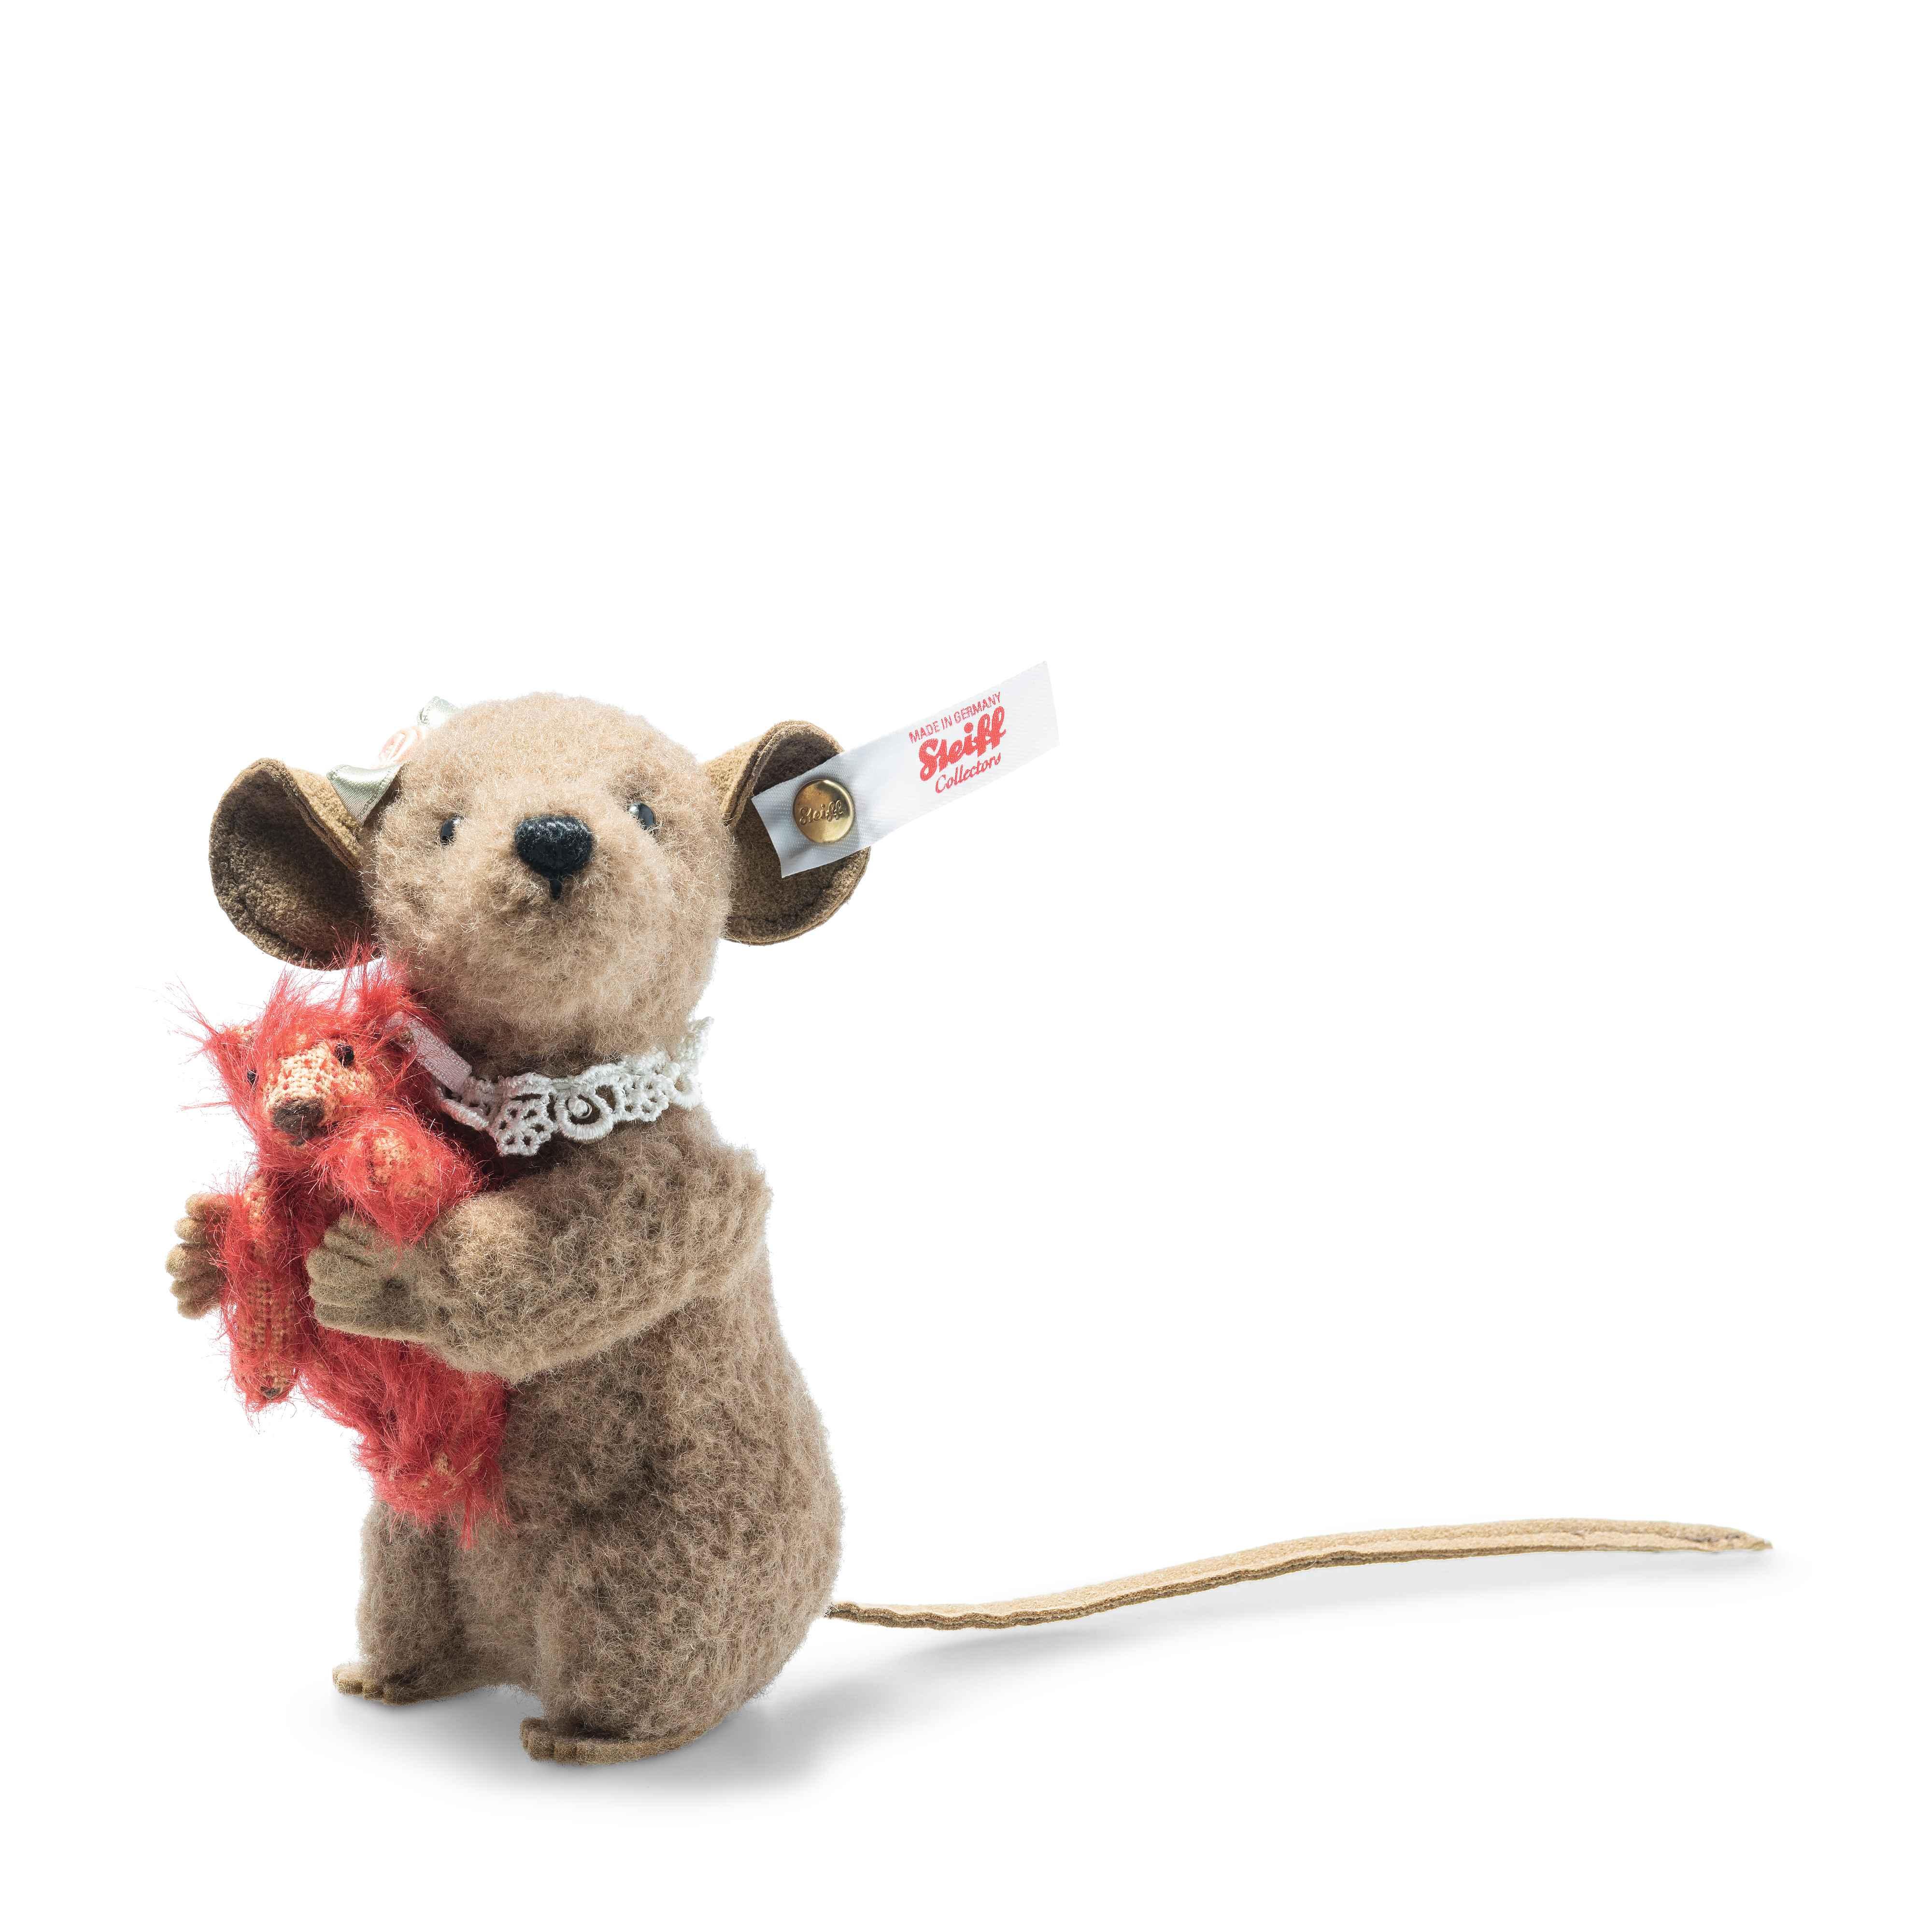 Steiff 006142 Xenia Maus 11 braun mit Teddybär limitierter Sammlerartikel